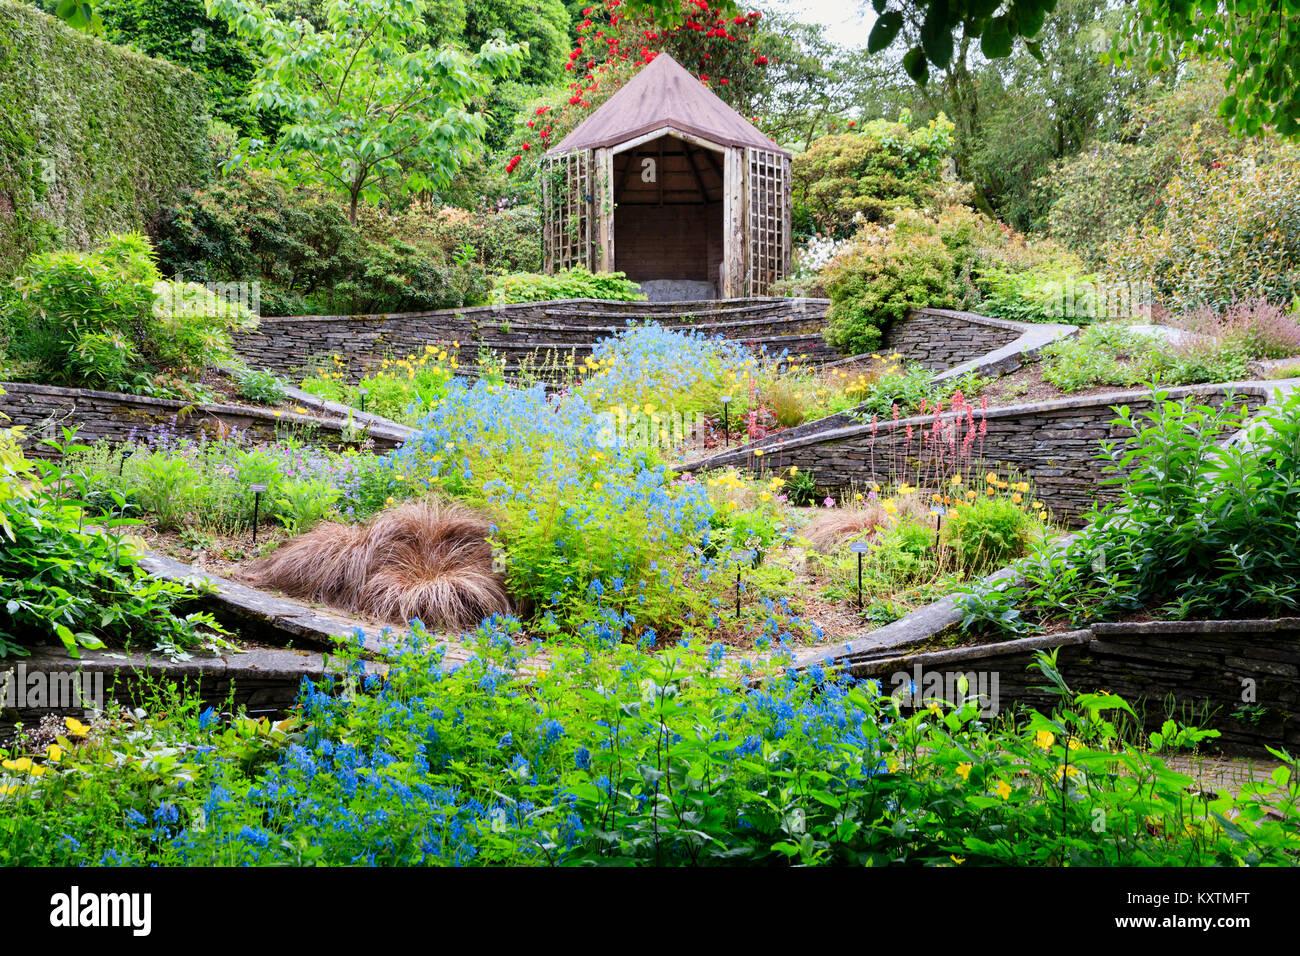 Später Frühling Blick auf die ovale Garten Garten Haus, Buckland Monachorum, Devon, UK, mit einer blauen Stockbild